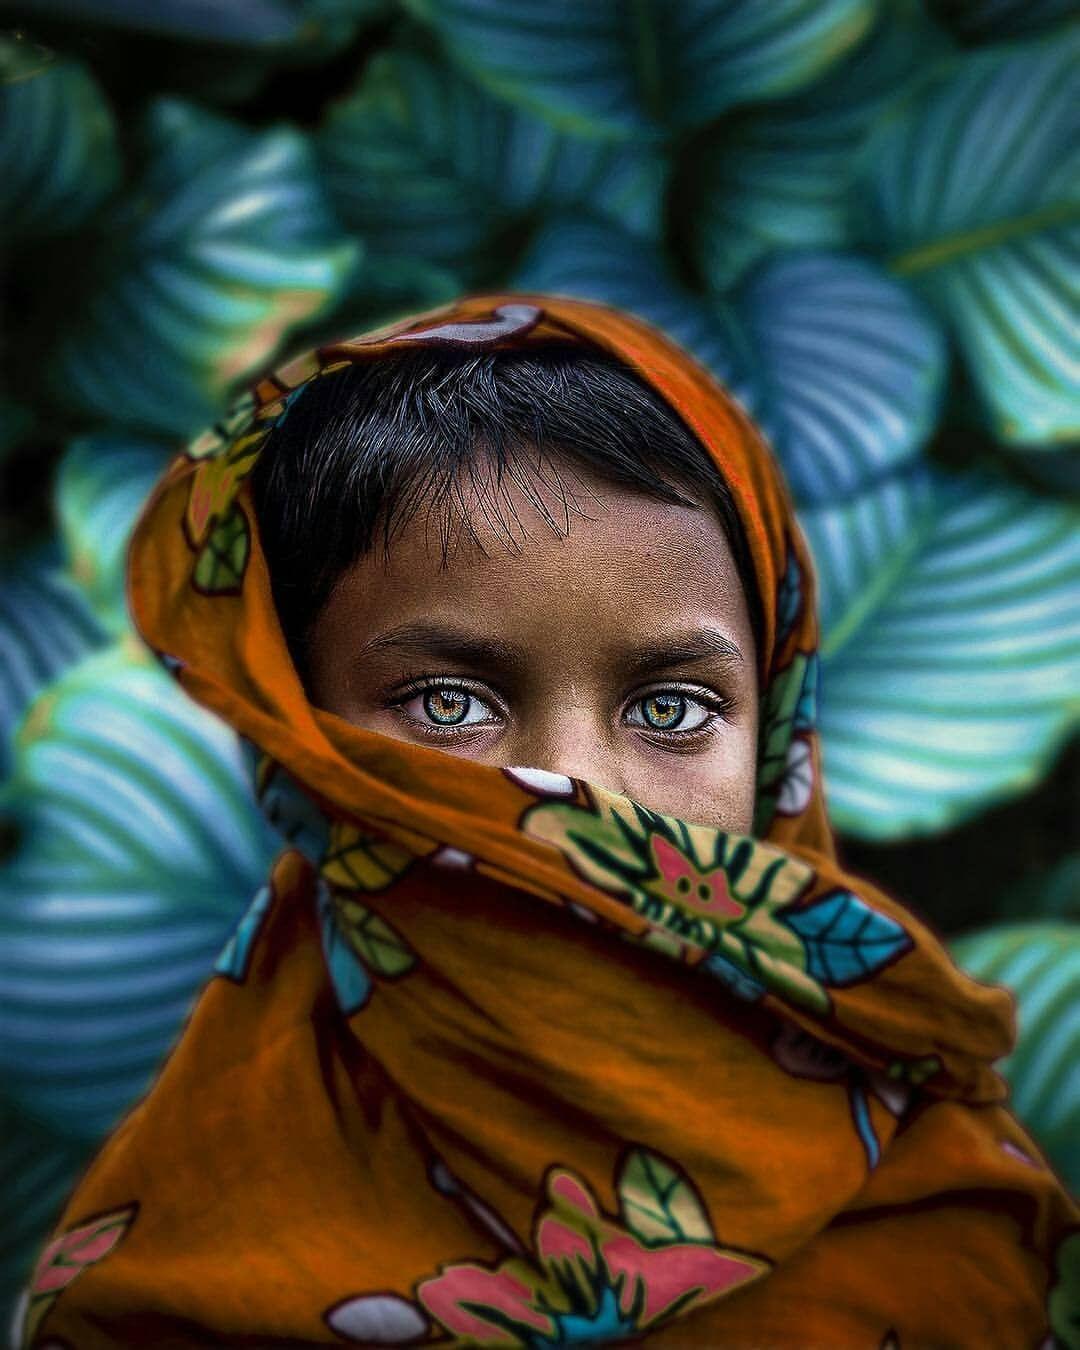 вредно как применить красивые глаза в мире фото купеческие дома